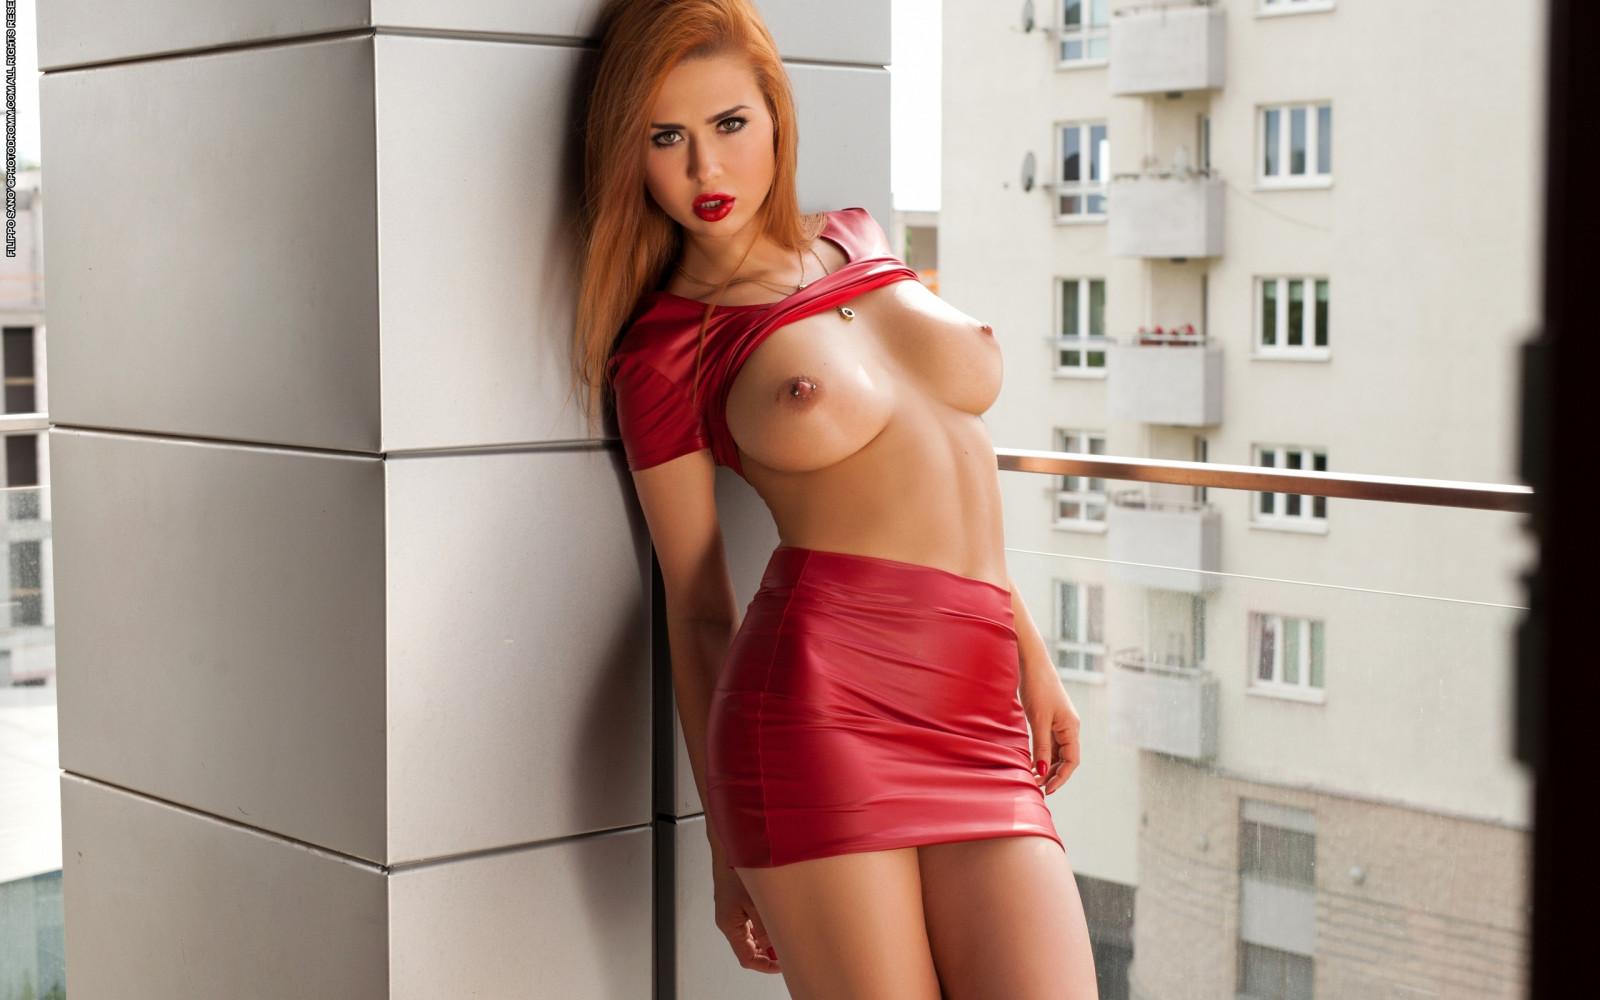 фото голые красавицы в красном что слабыми